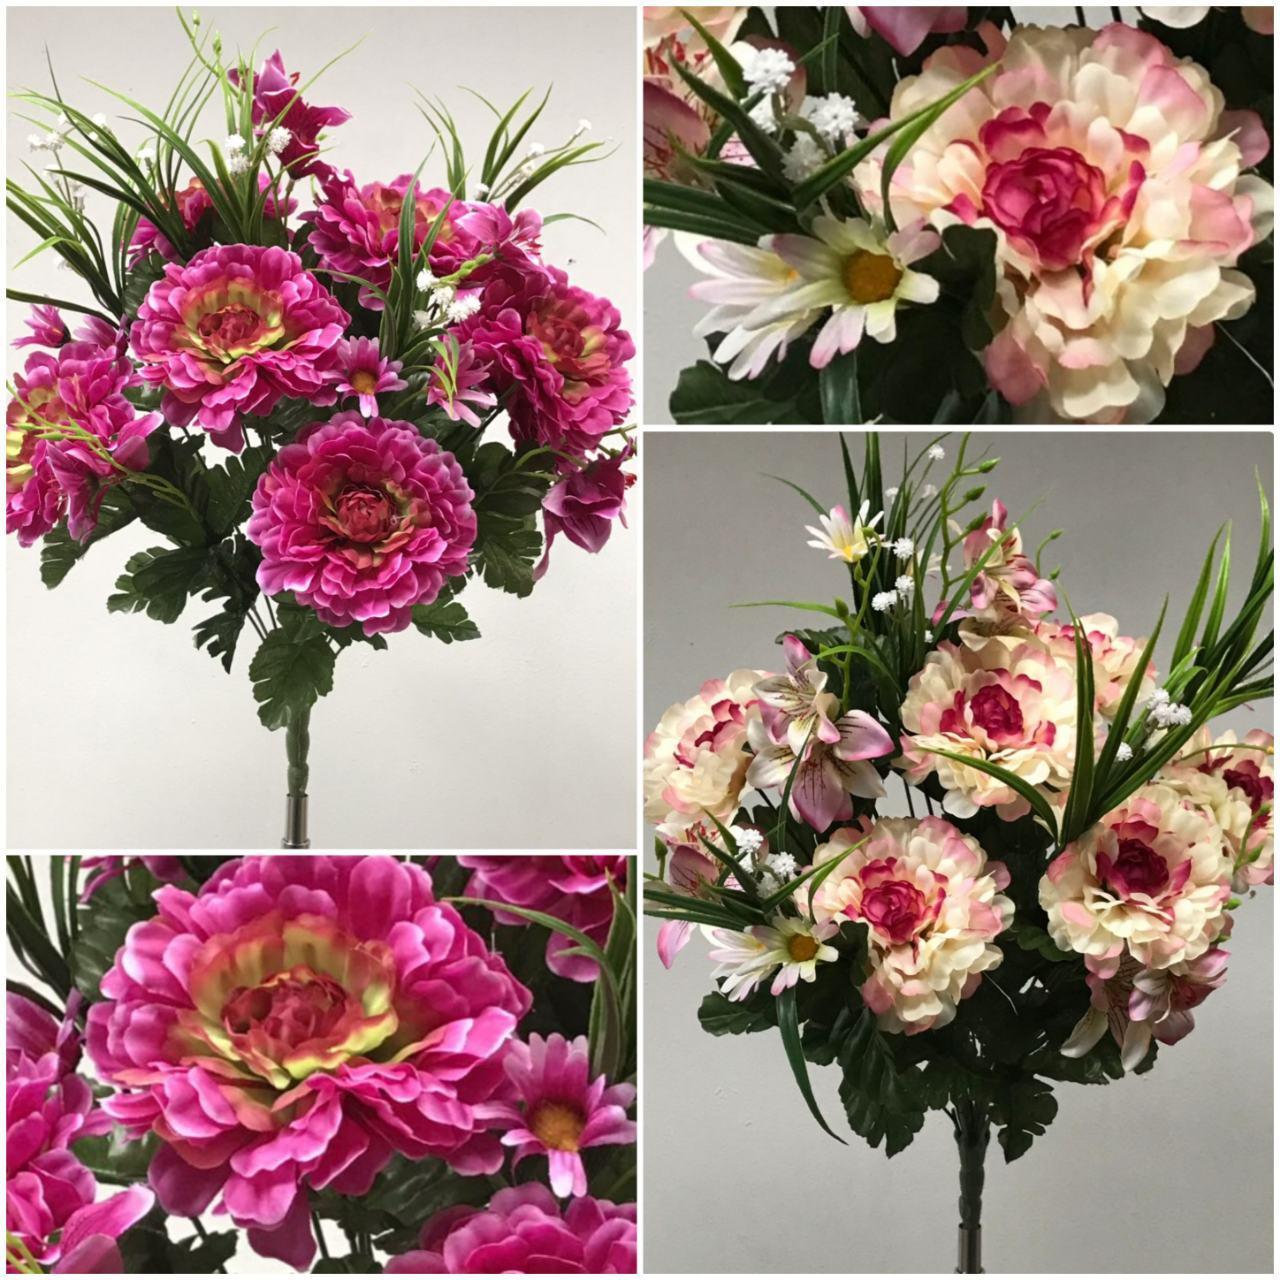 Штучні пишні квіти, 5 кольорів, 18 голів, 50см, 160/140 (ціна за 1 шт.+20 грн.)